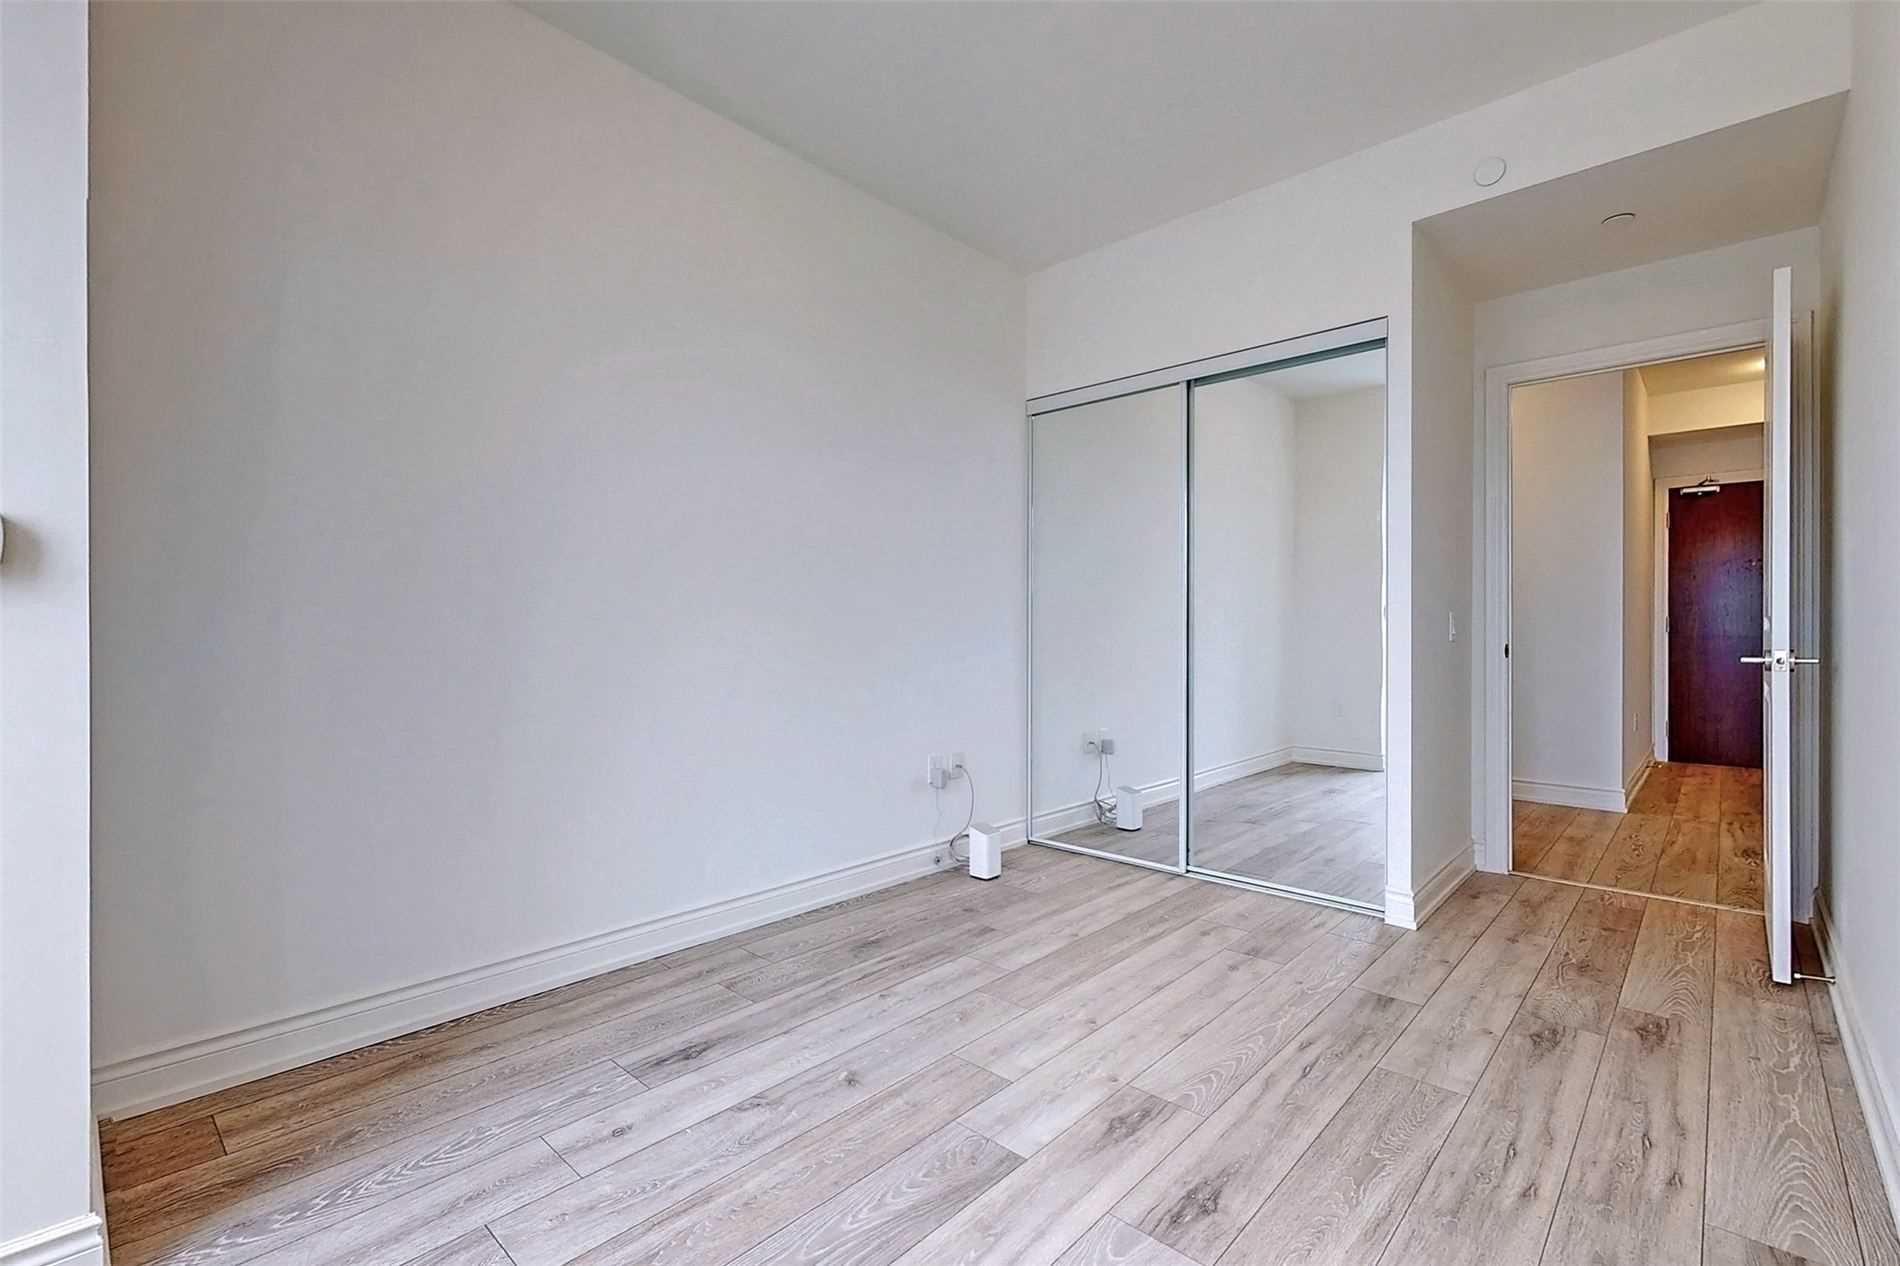 221 - 1050 Main St E - Dempsey Condo Apt for sale, 3 Bedrooms (W5398557) - #26